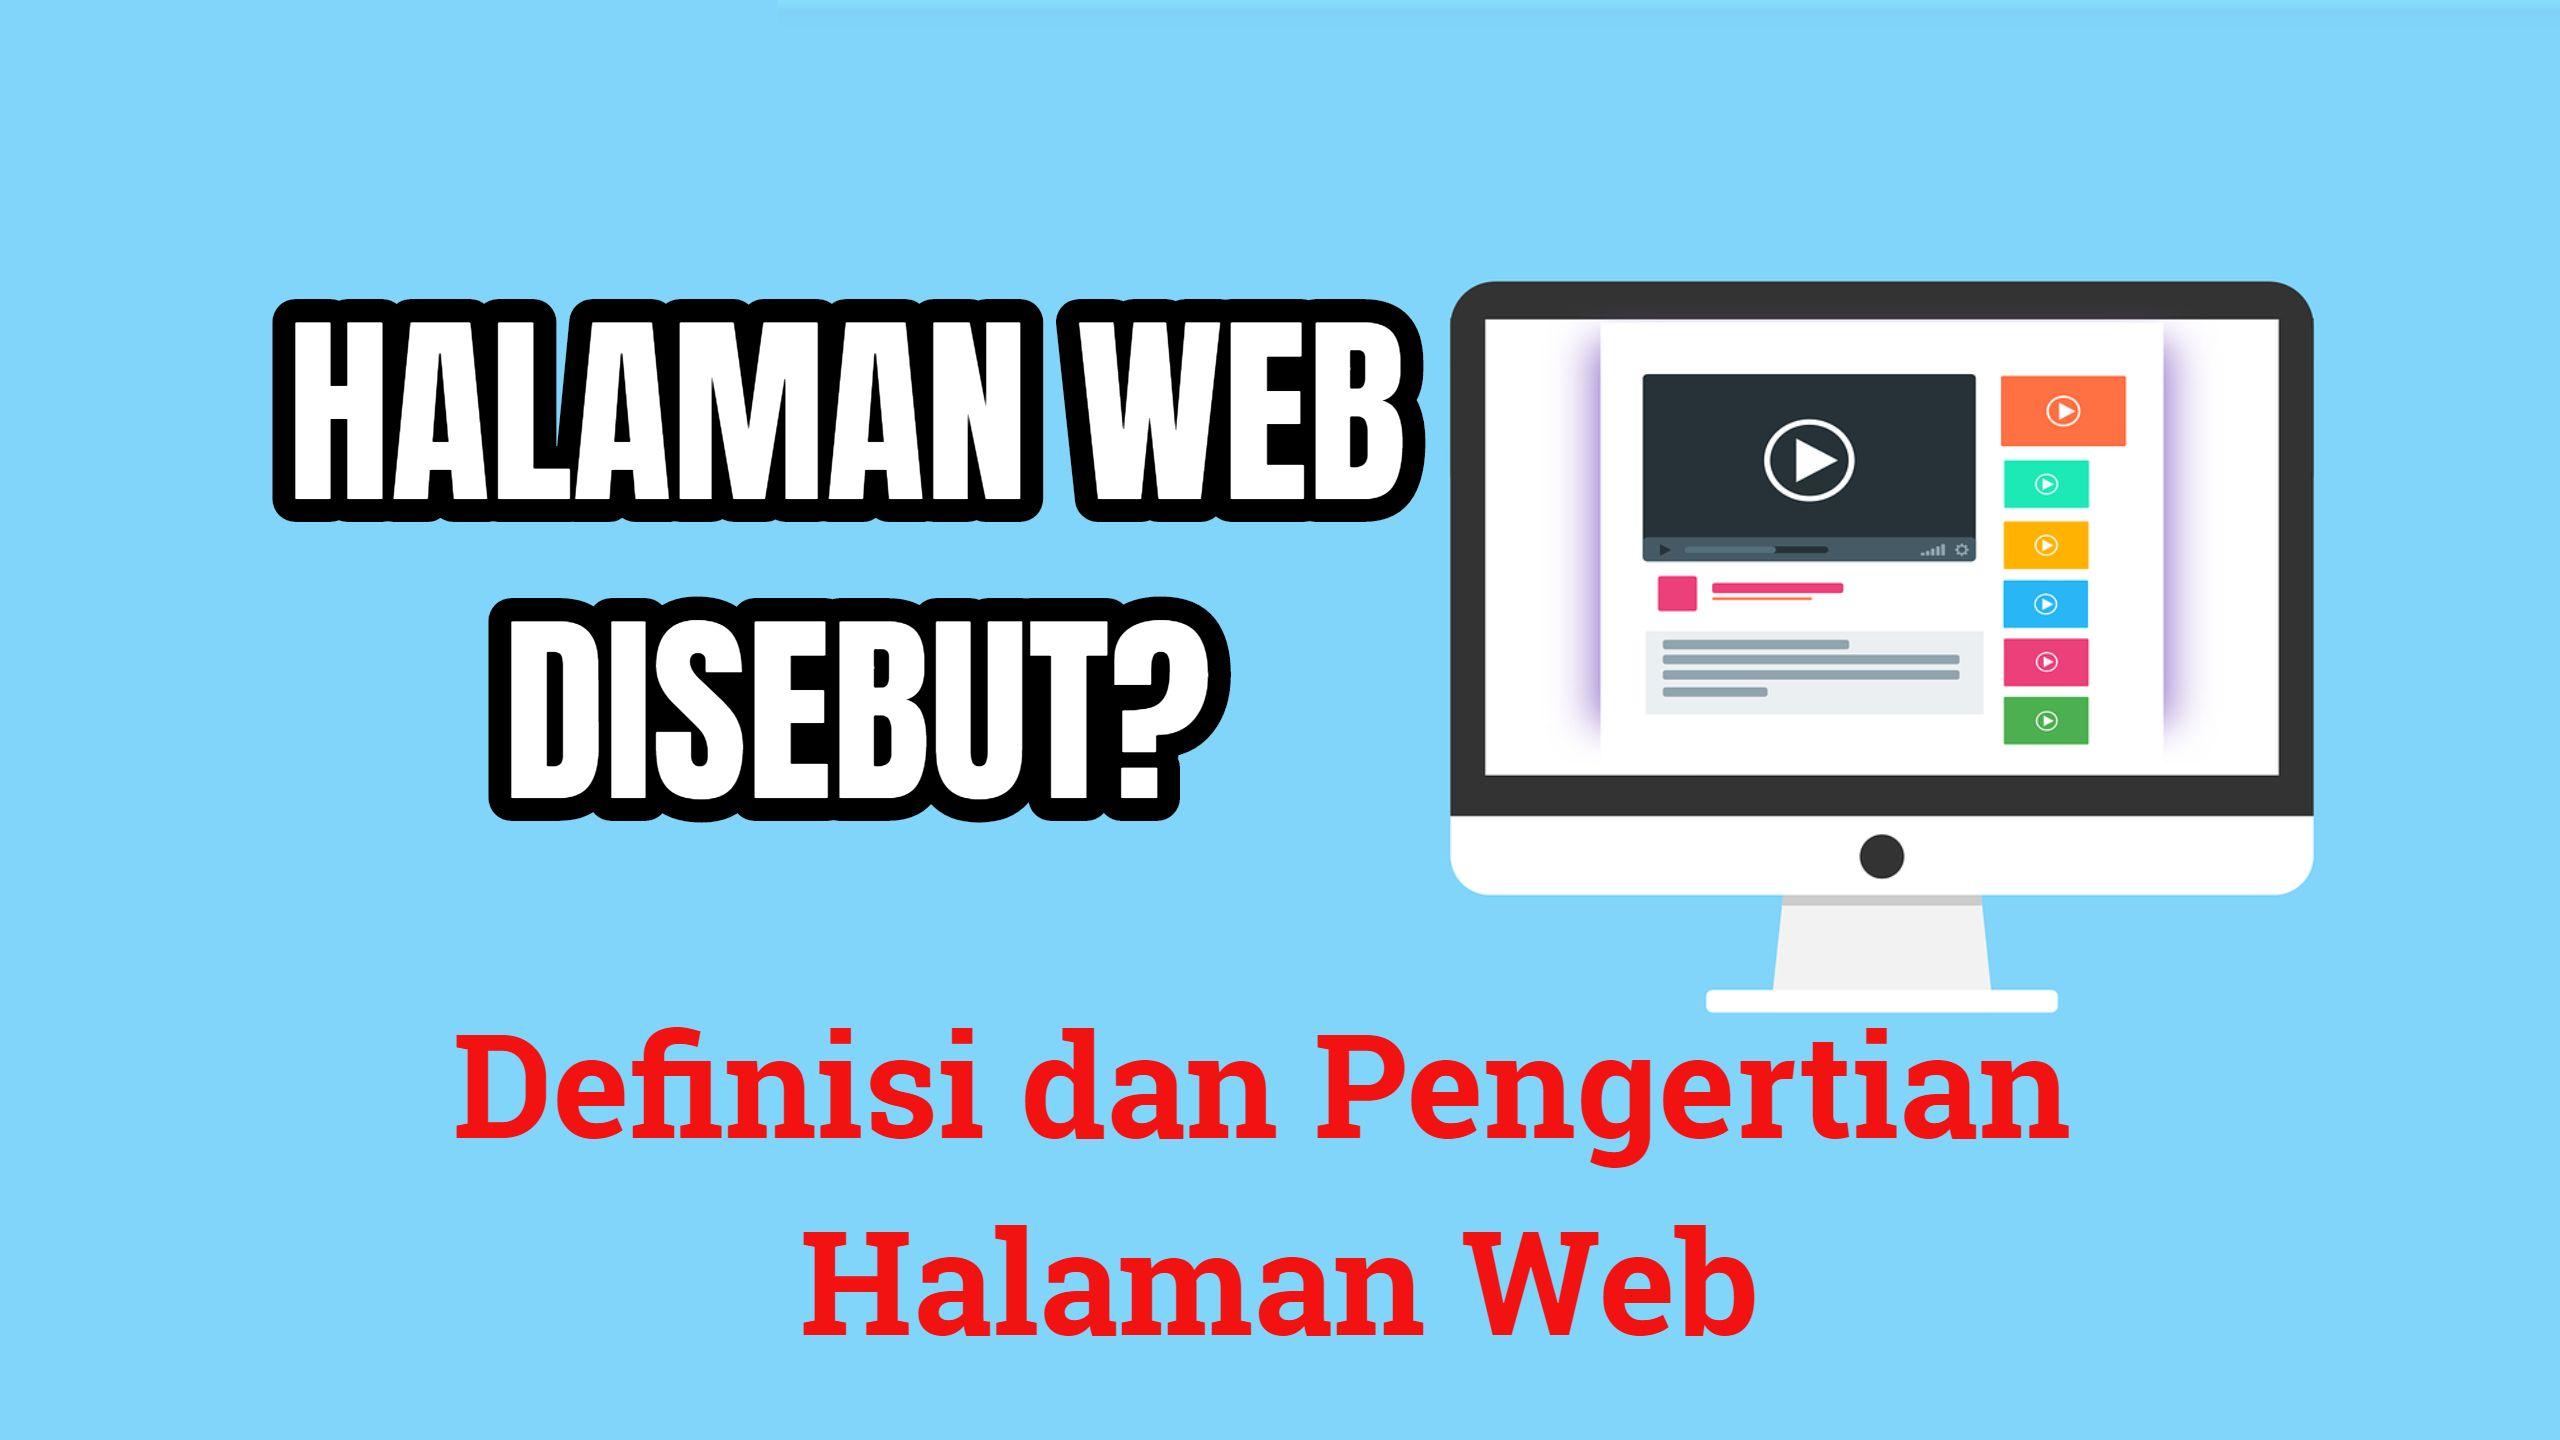 Halaman Web Disebut Web Page Adalah? Pengertian (Dengan